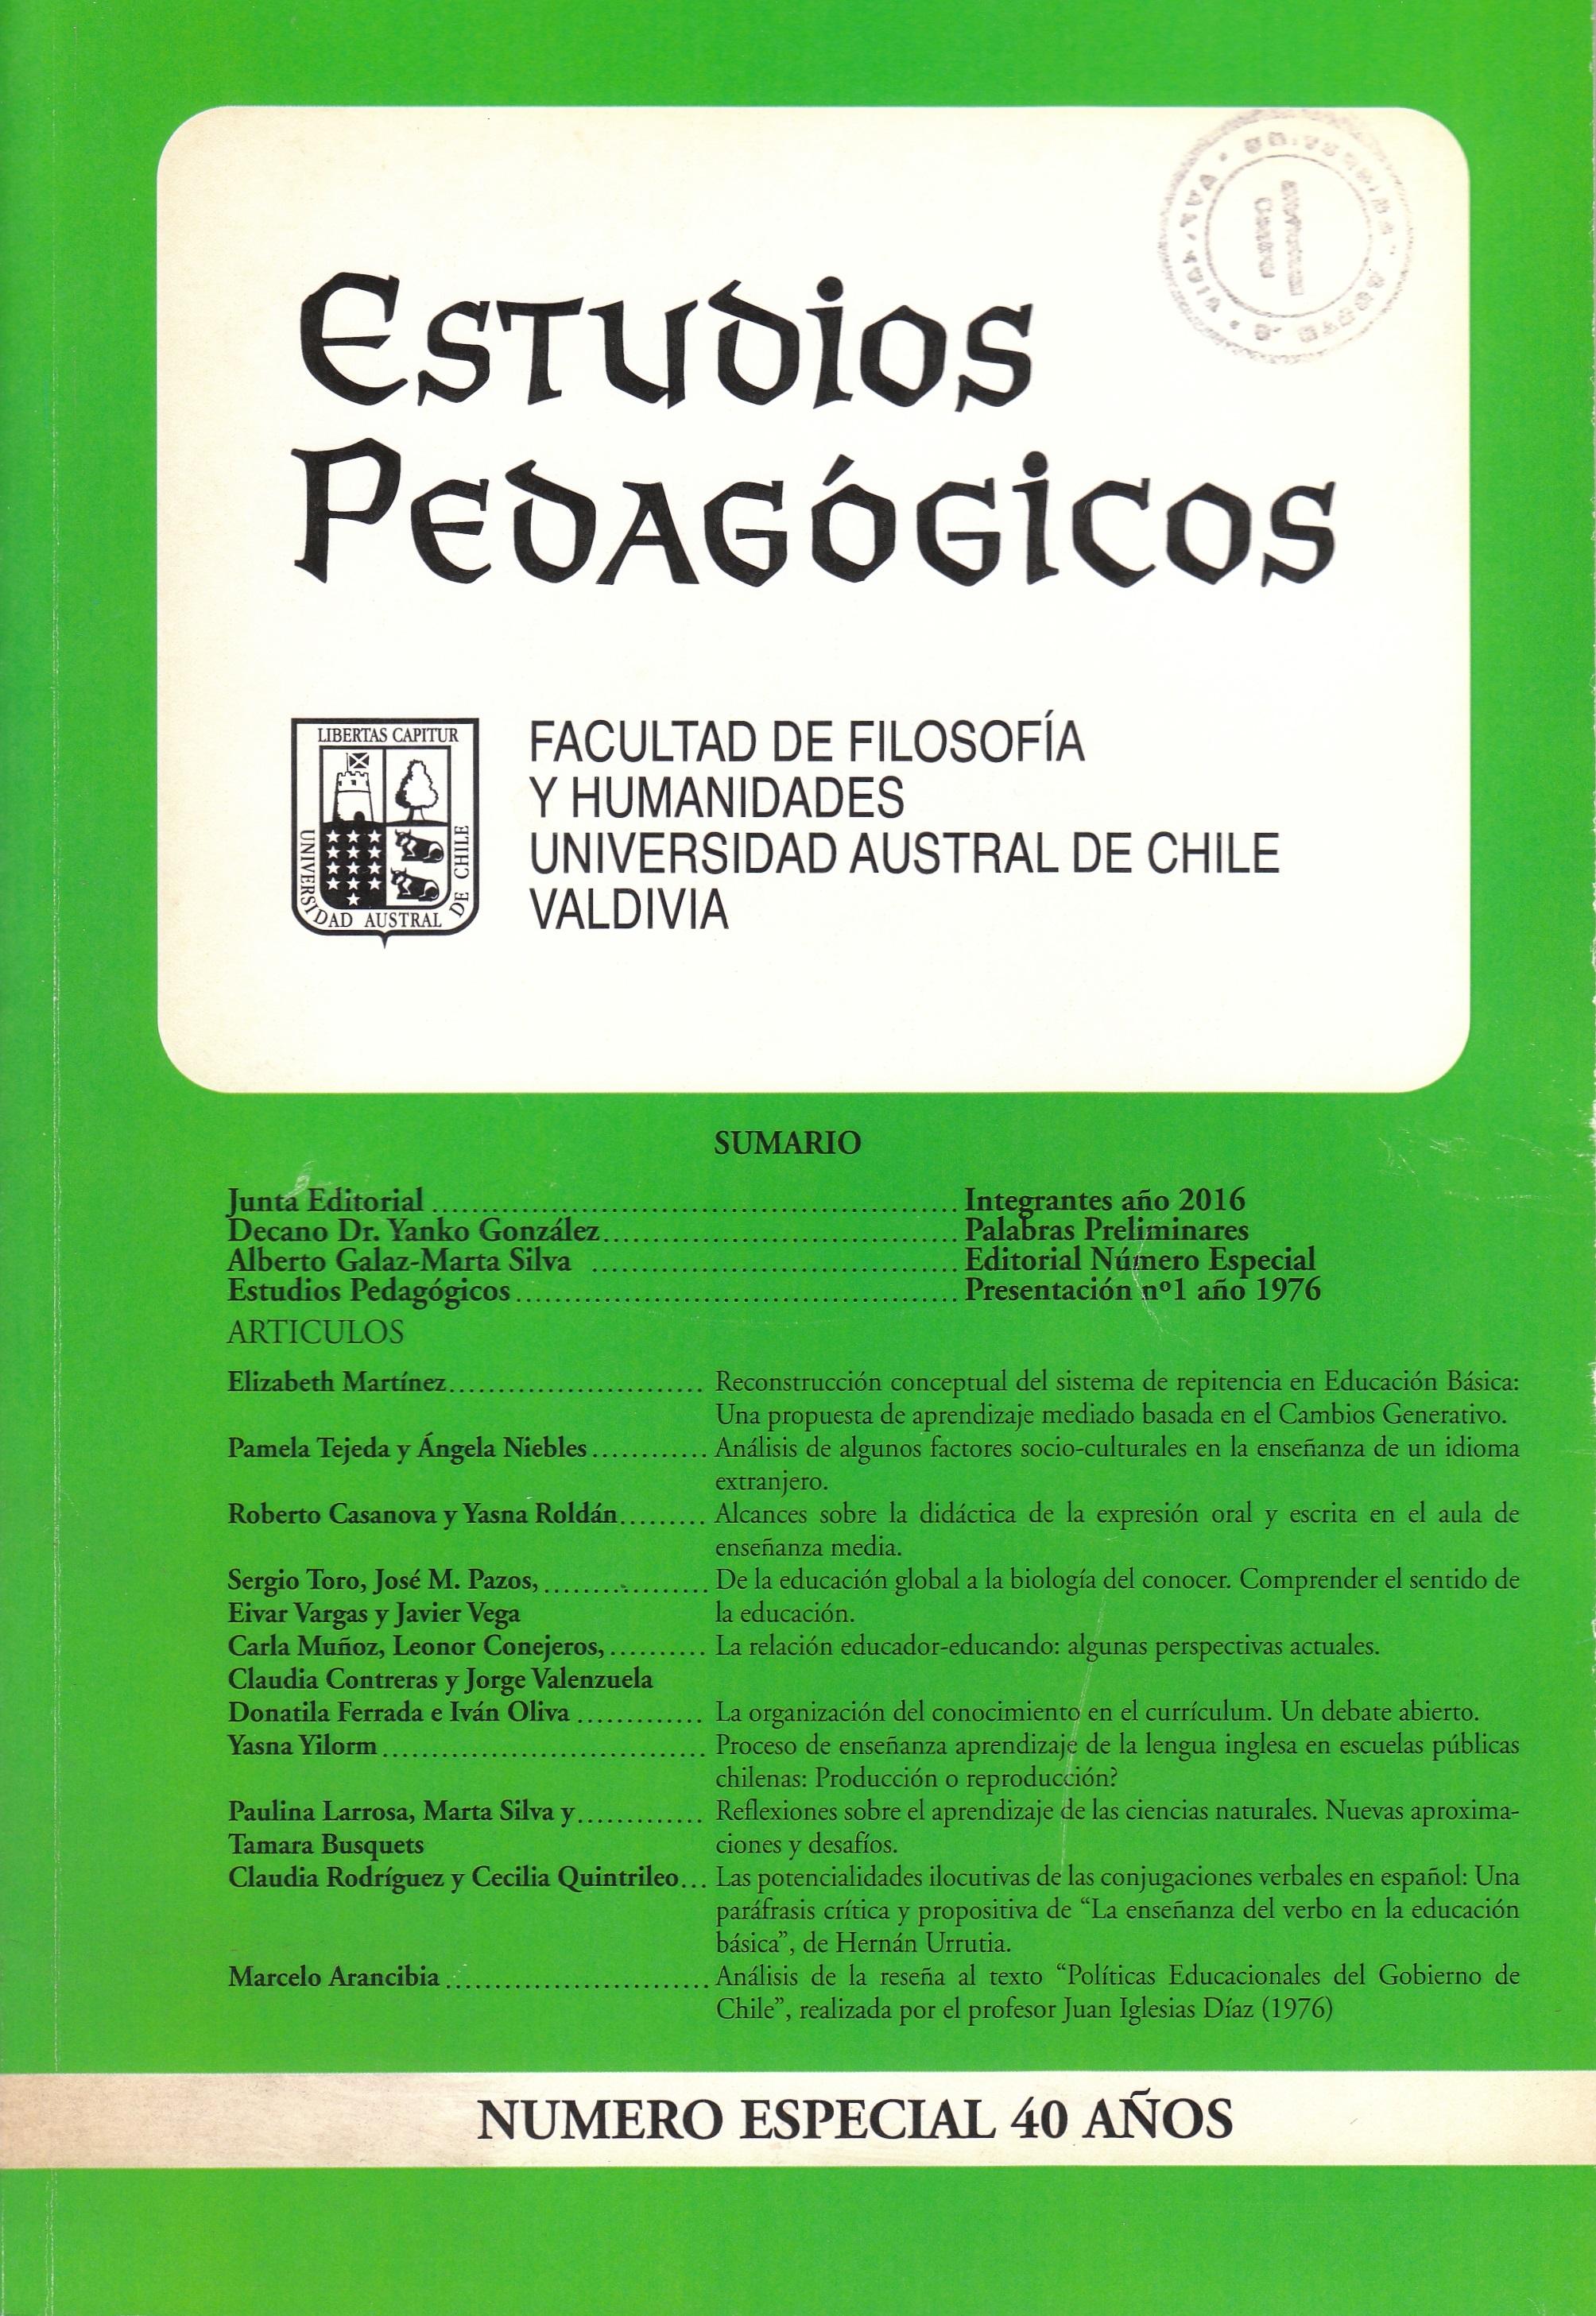 La organización del conocimiento en el currículum. Un debate abierto ...